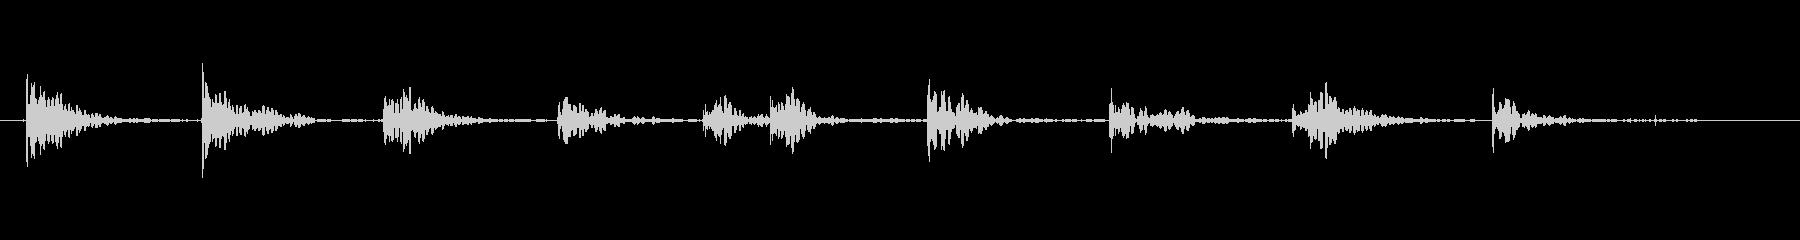 インテリア:ウッドフロア:ソフトブ...の未再生の波形